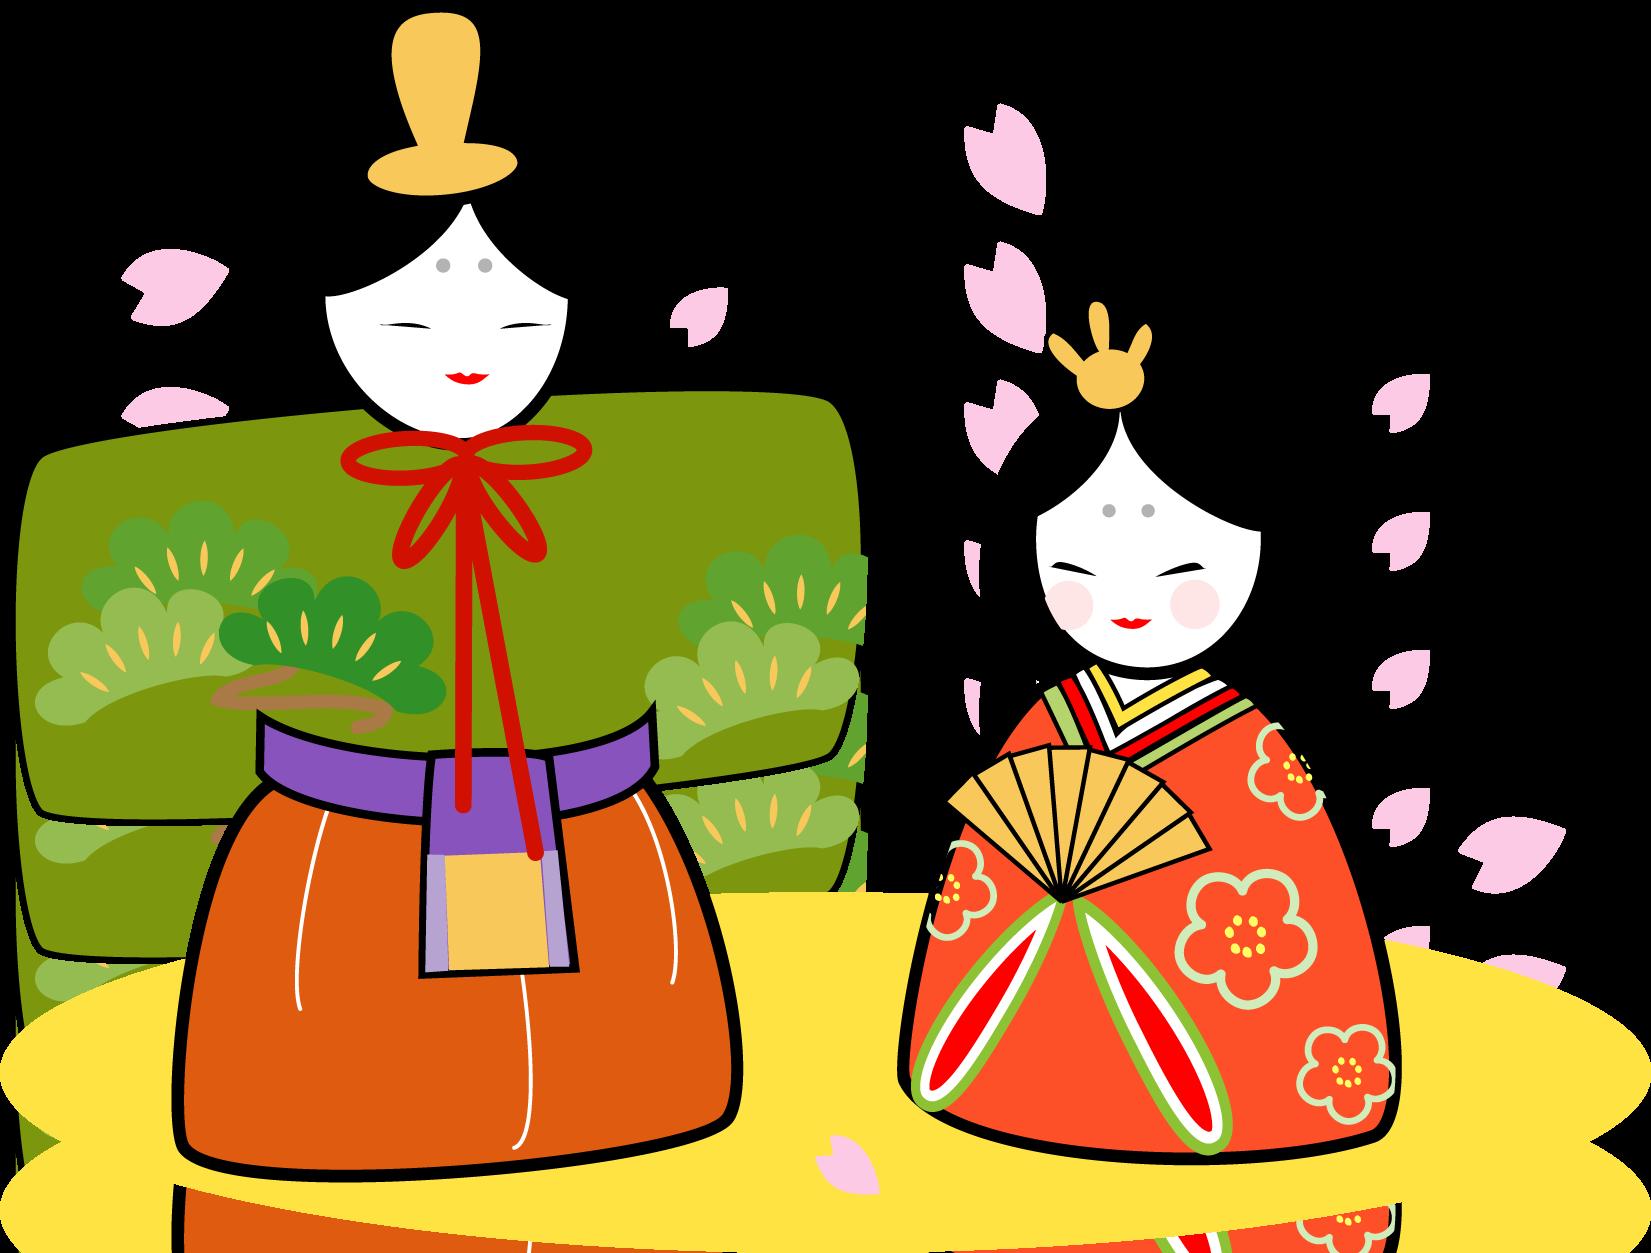 ひな祭り ひな人形 イラスト Google 検索 Japanese Culture